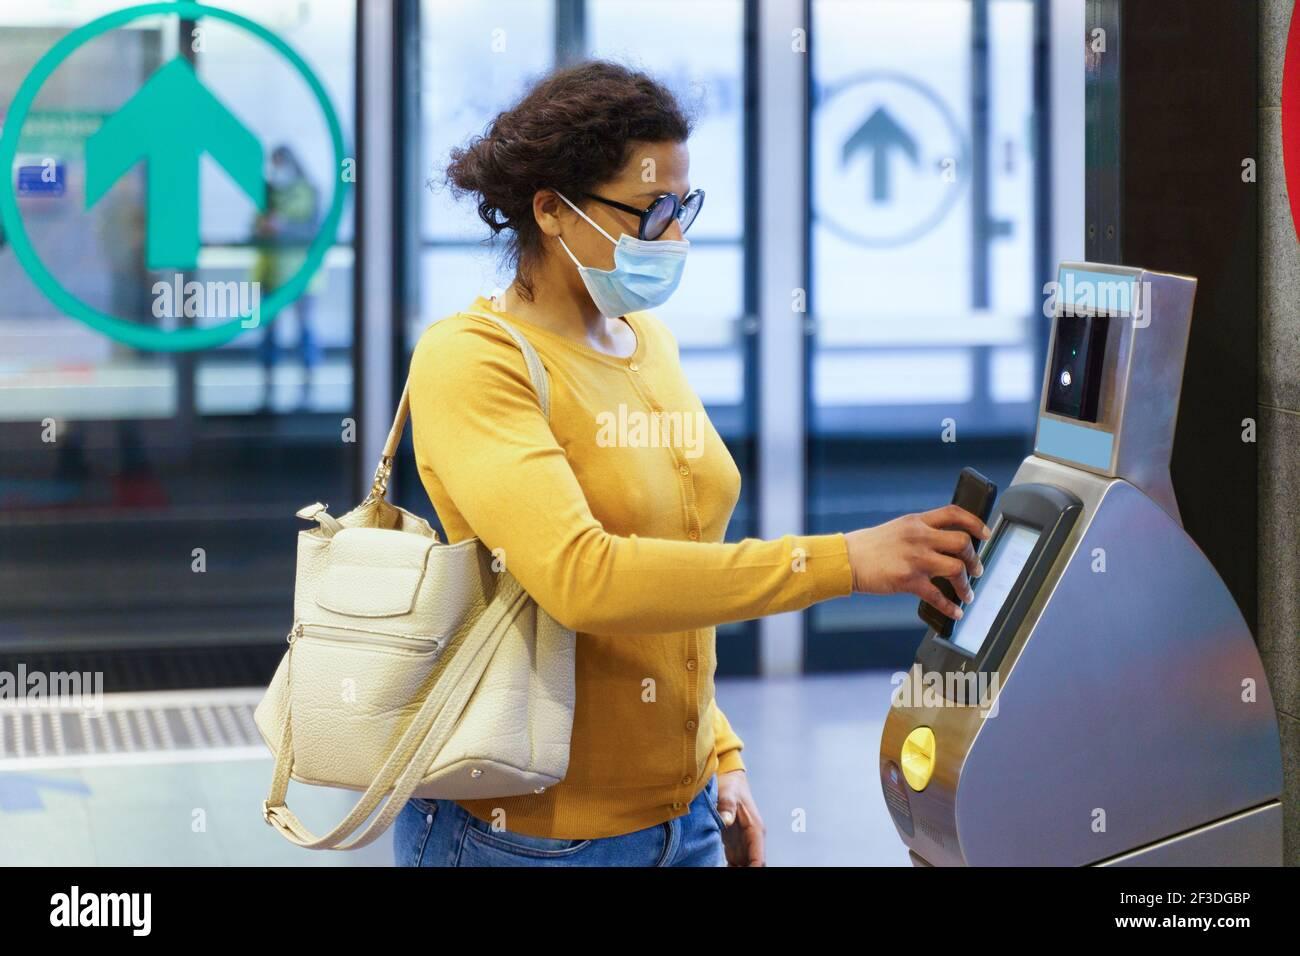 Femme payant le billet de transport à l'aide d'un smartphone et d'une machine sans contact Banque D'Images